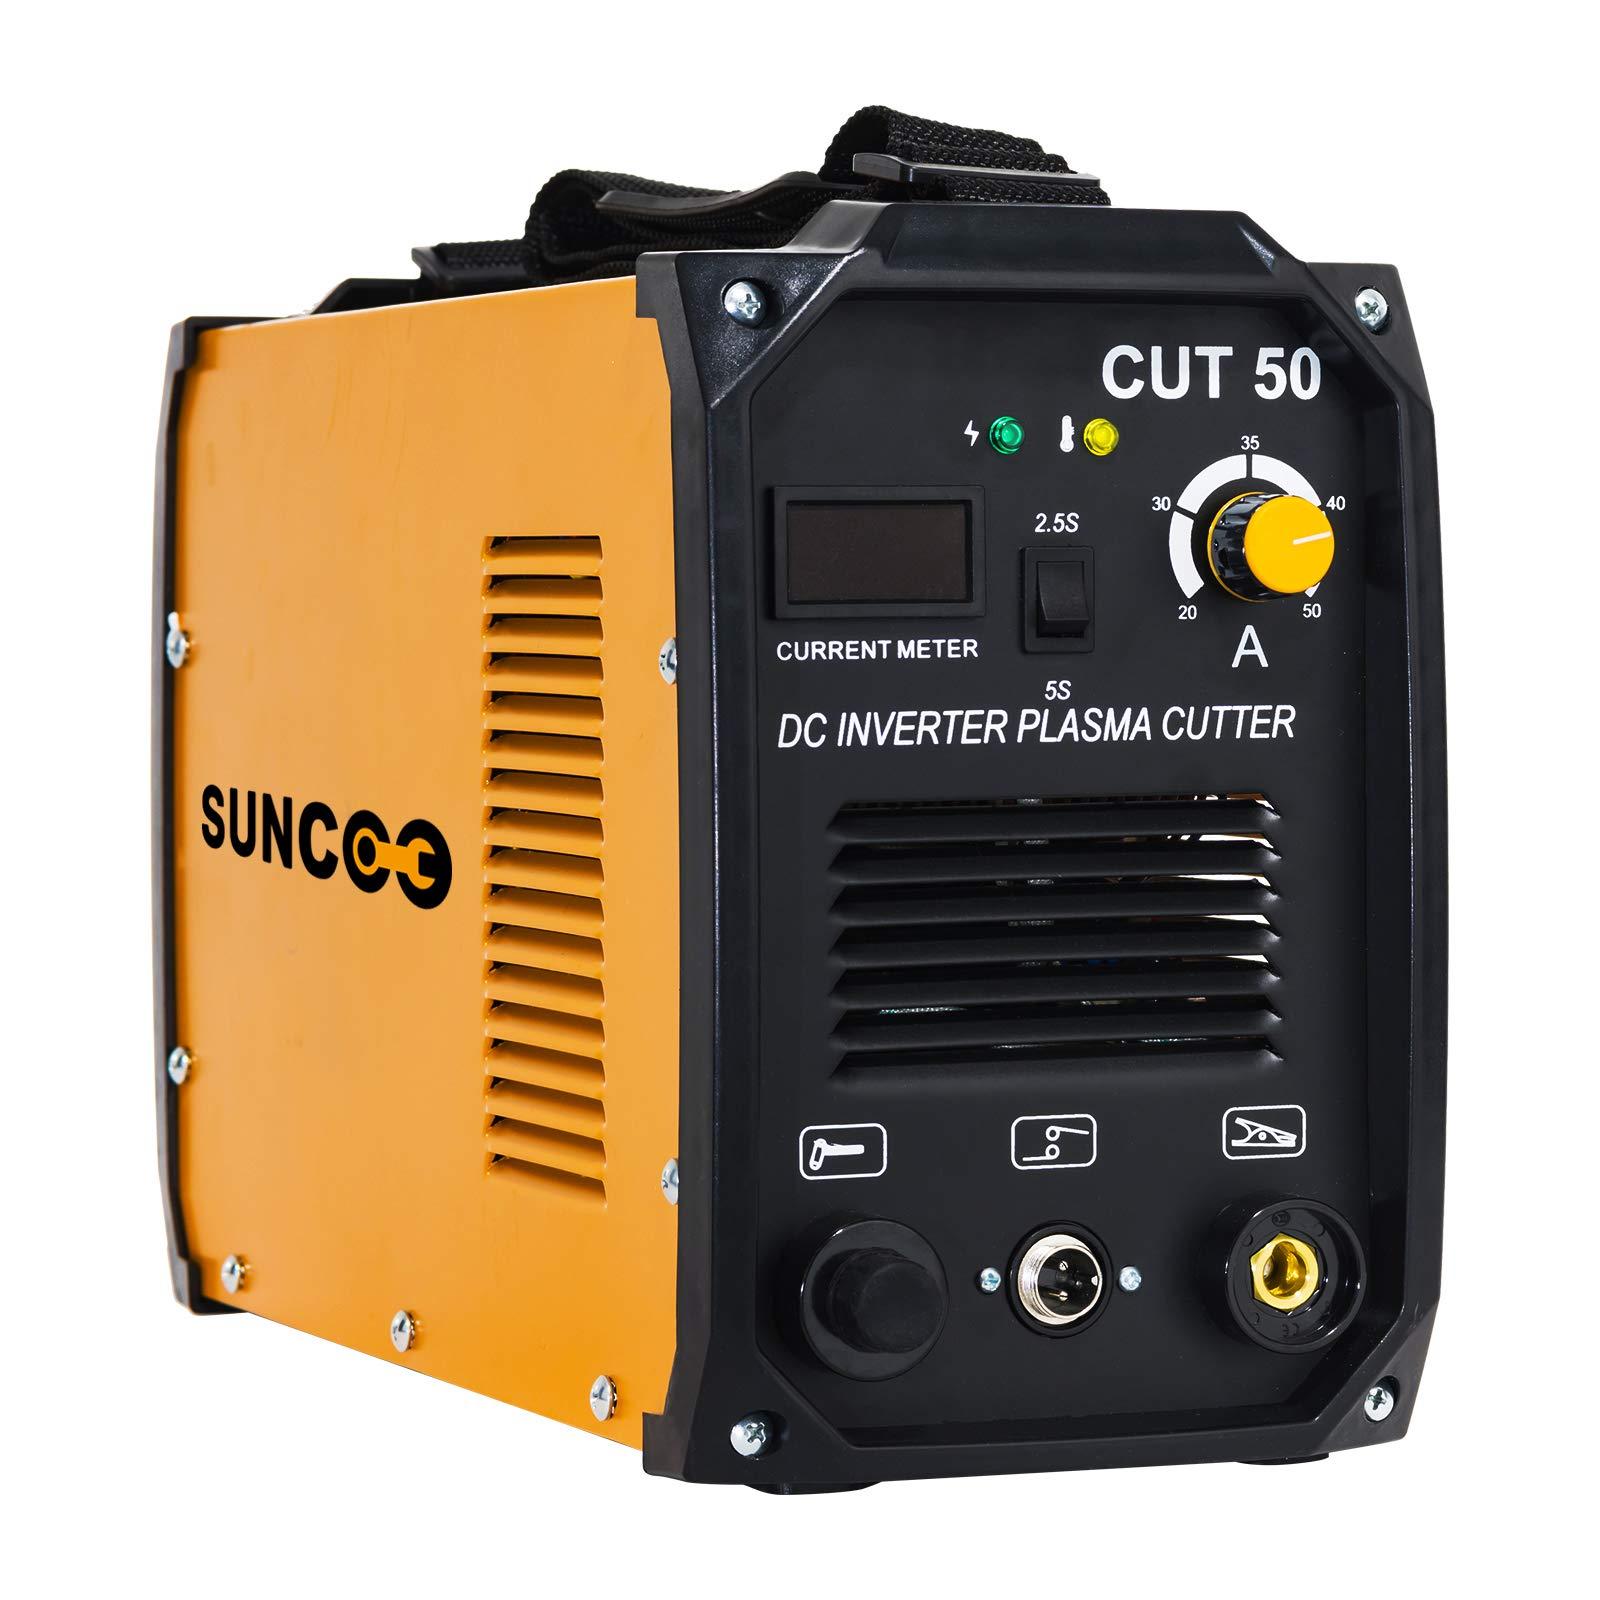 SUNCOO Cut 50 Plasma Cutter Electric DC Inverter Cutting Machine with Digital Display Dual Voltage 110/220V, 1/2'' Clean Cut